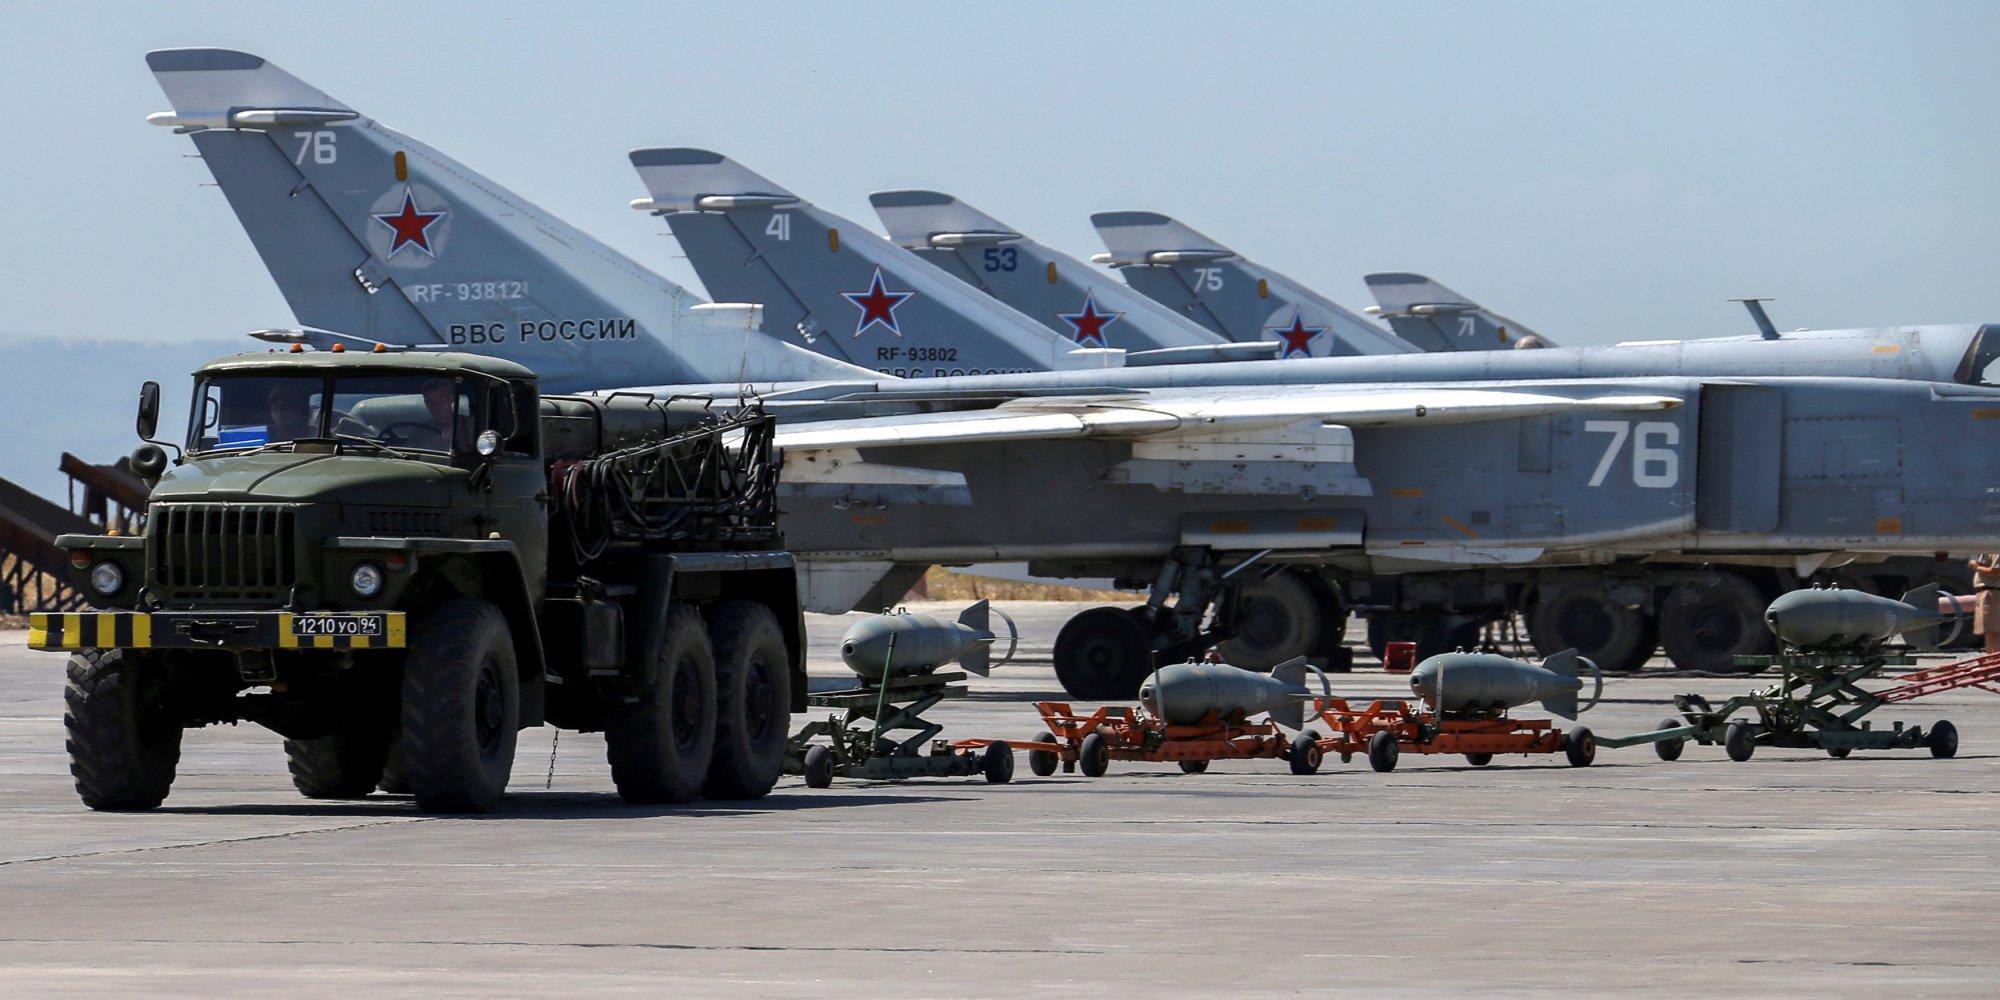 روسيا: الطائرات التي استهدفت حميميم انطلقت من إدلب